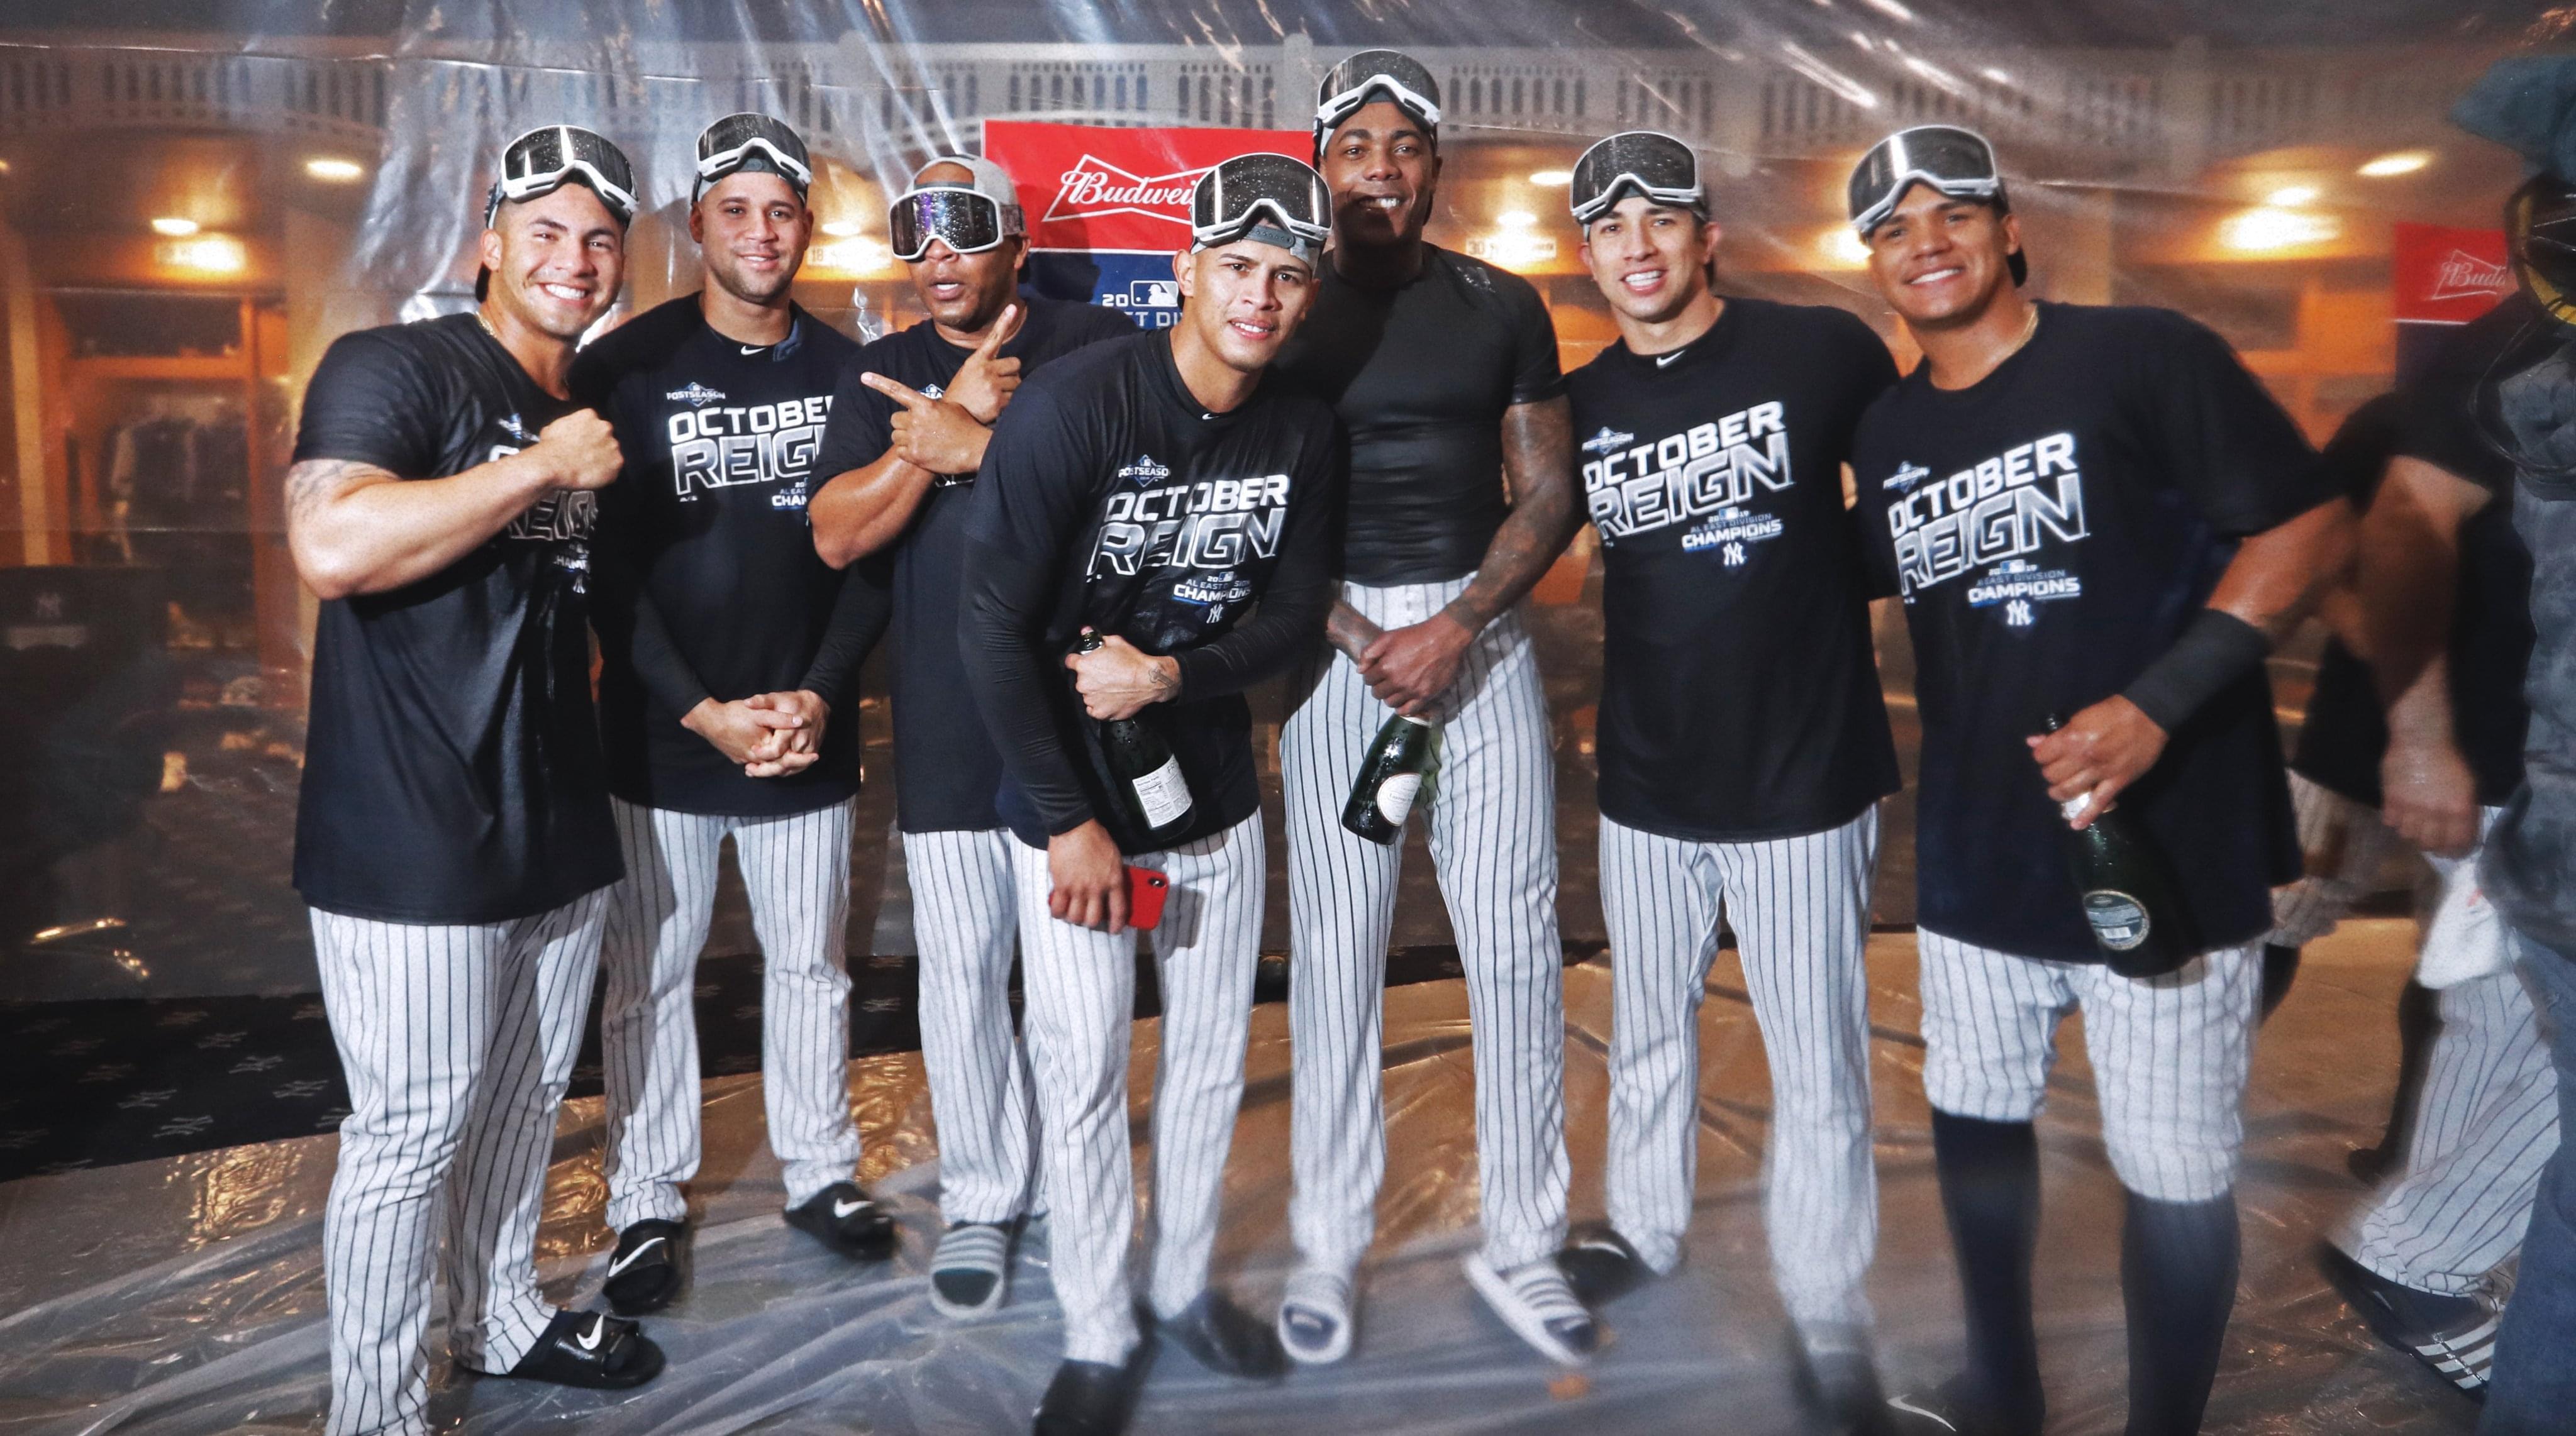 FRANK FRANGIE: Baseball's back!